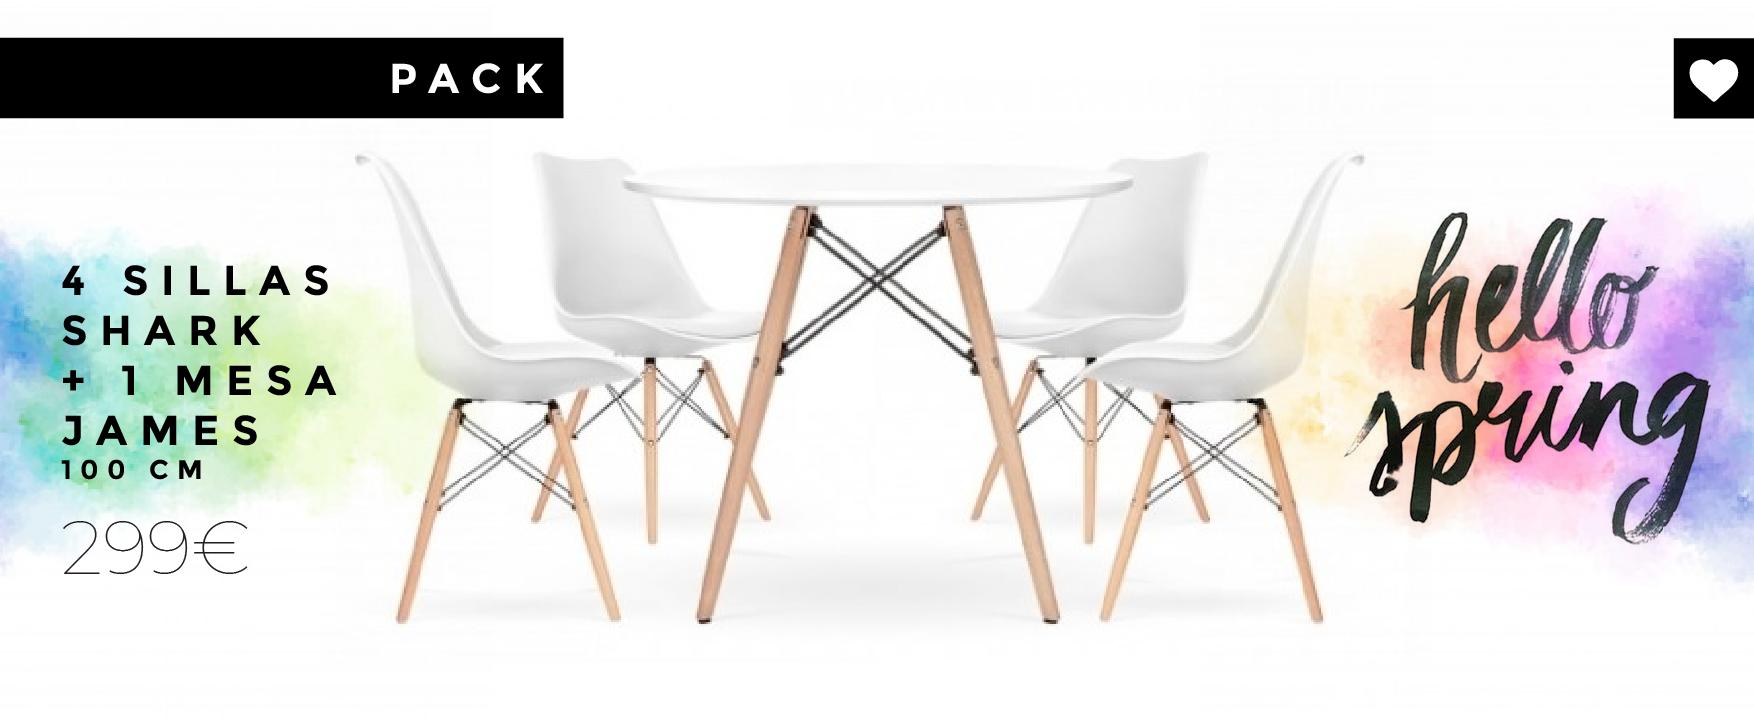 Combinación de 4 sillas Shark inspiradas en la famosa silla DSW